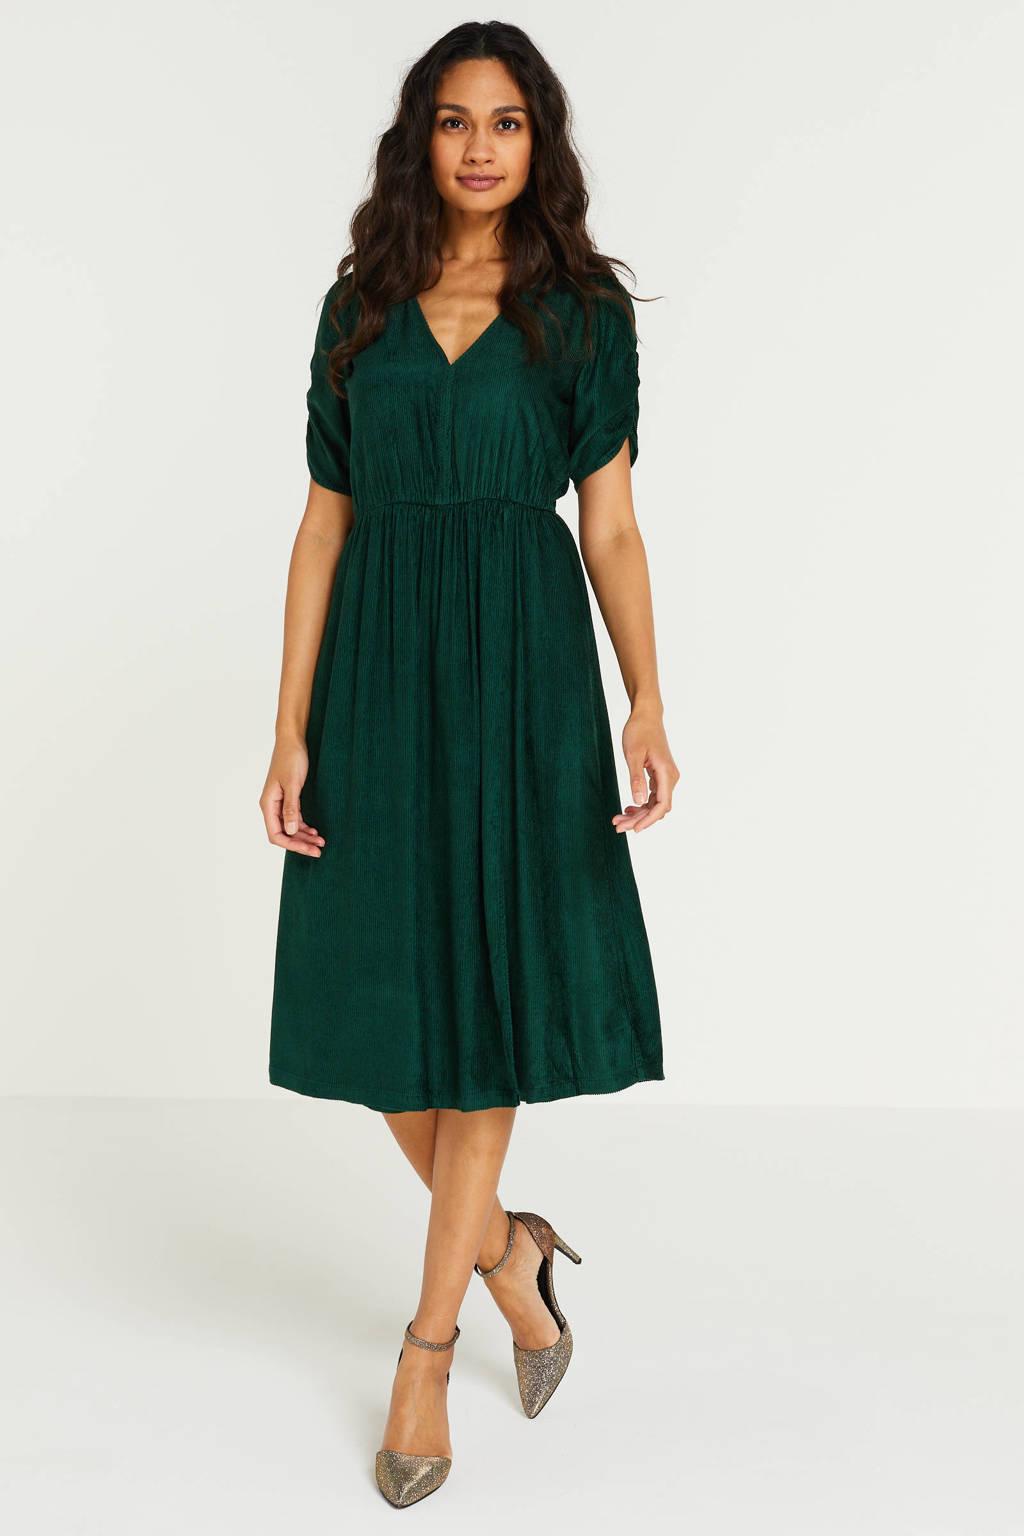 GAP jurk pine green, Pine green